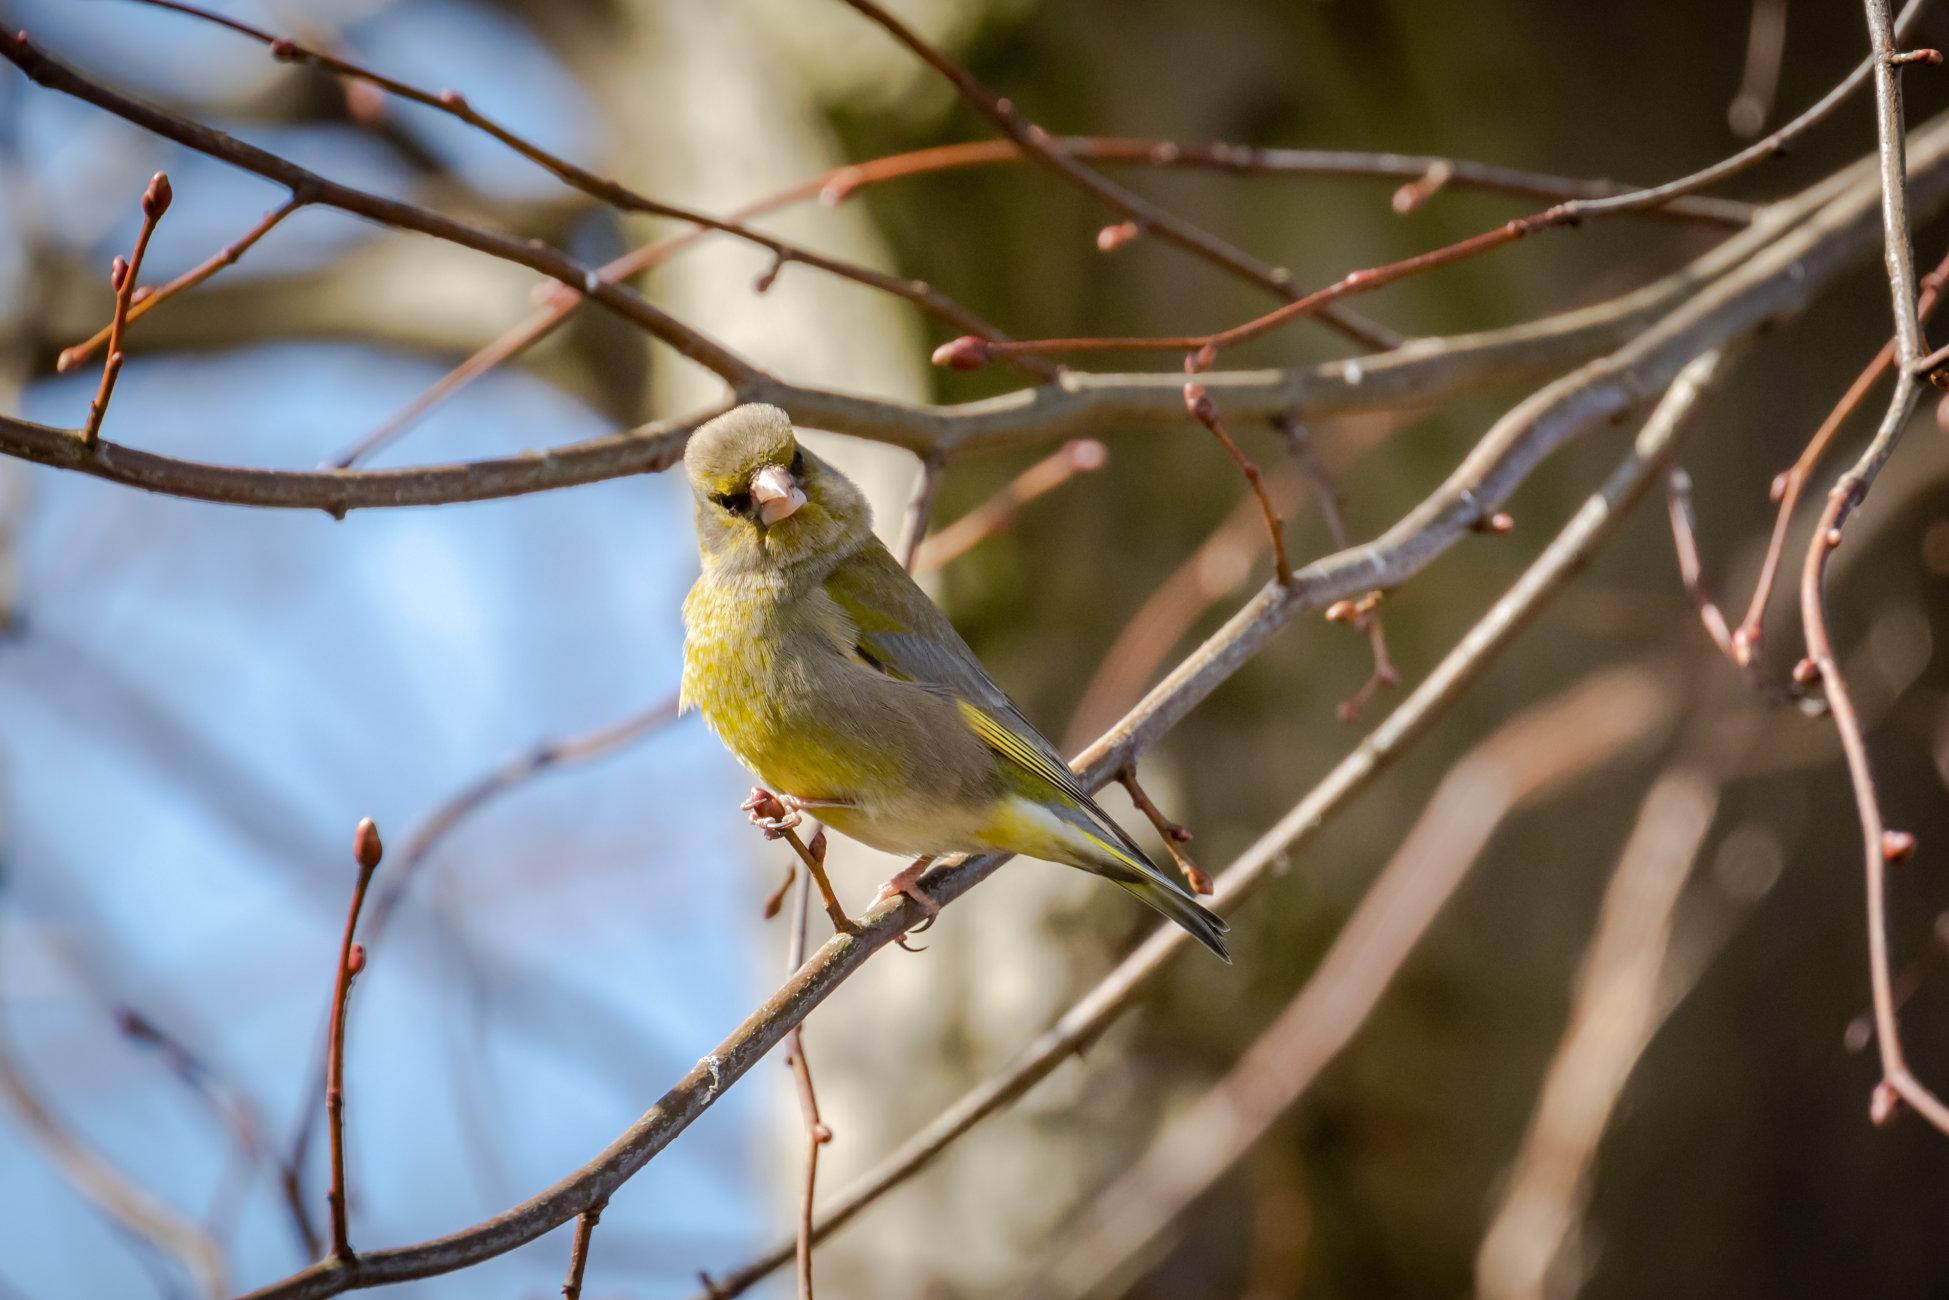 Sassy greenfinch